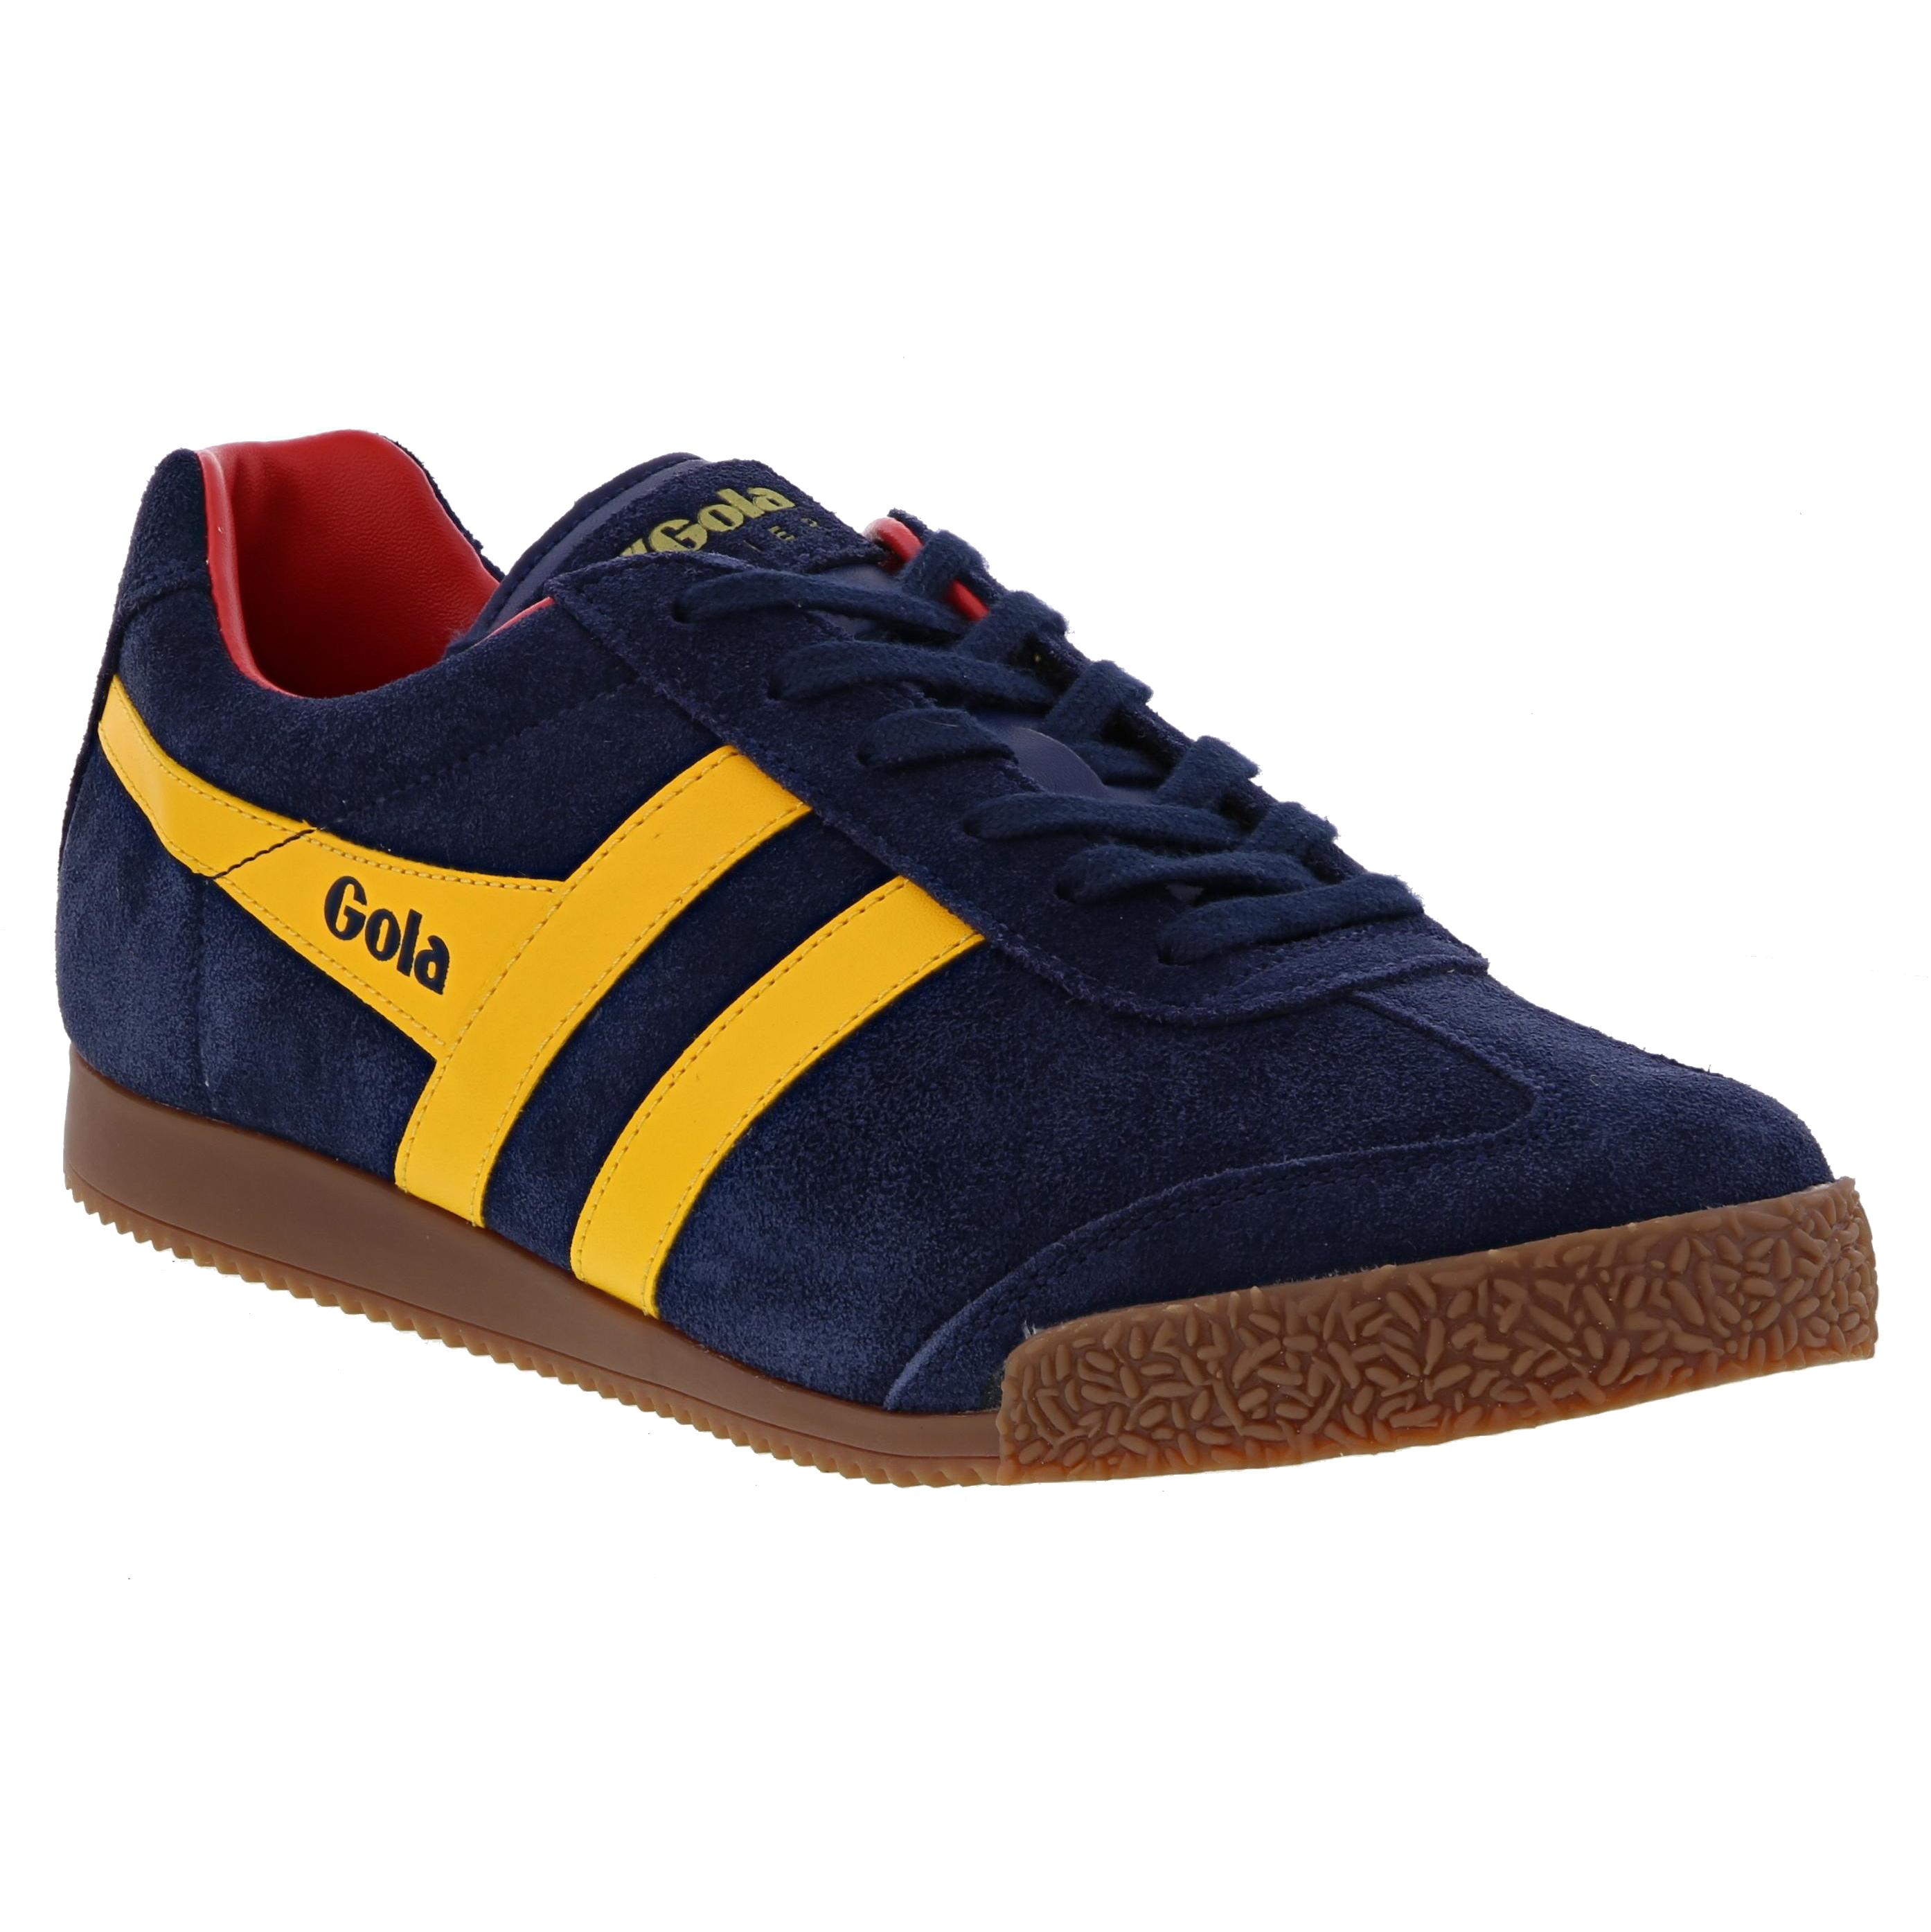 gola harrier shoes online shop fdf7a fff50